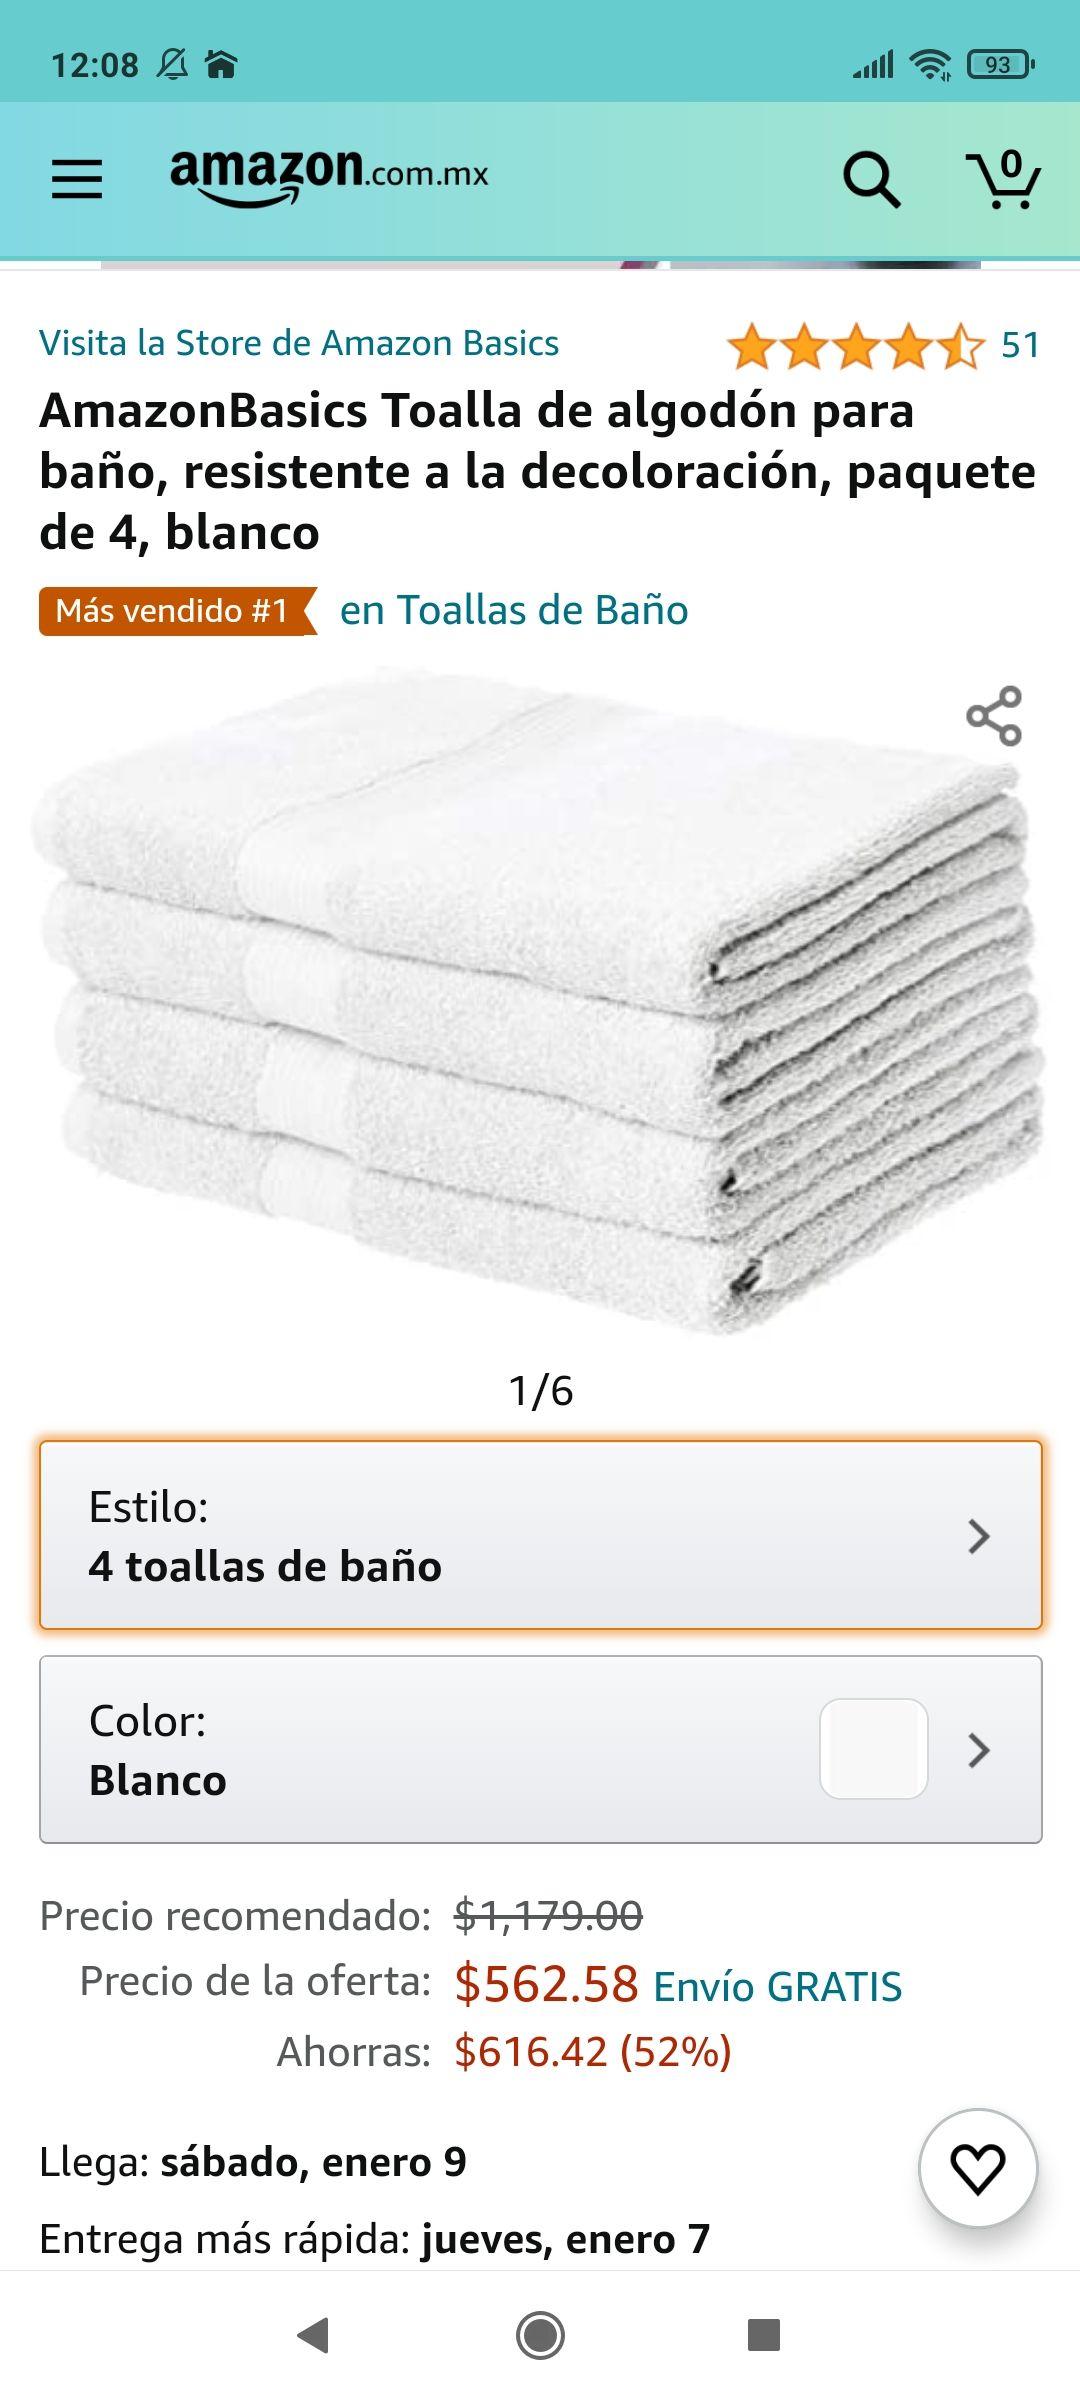 Amazon: AmazonBasics Toalla de algodón para baño, resistente a la decoloración, paquete de 4, negro